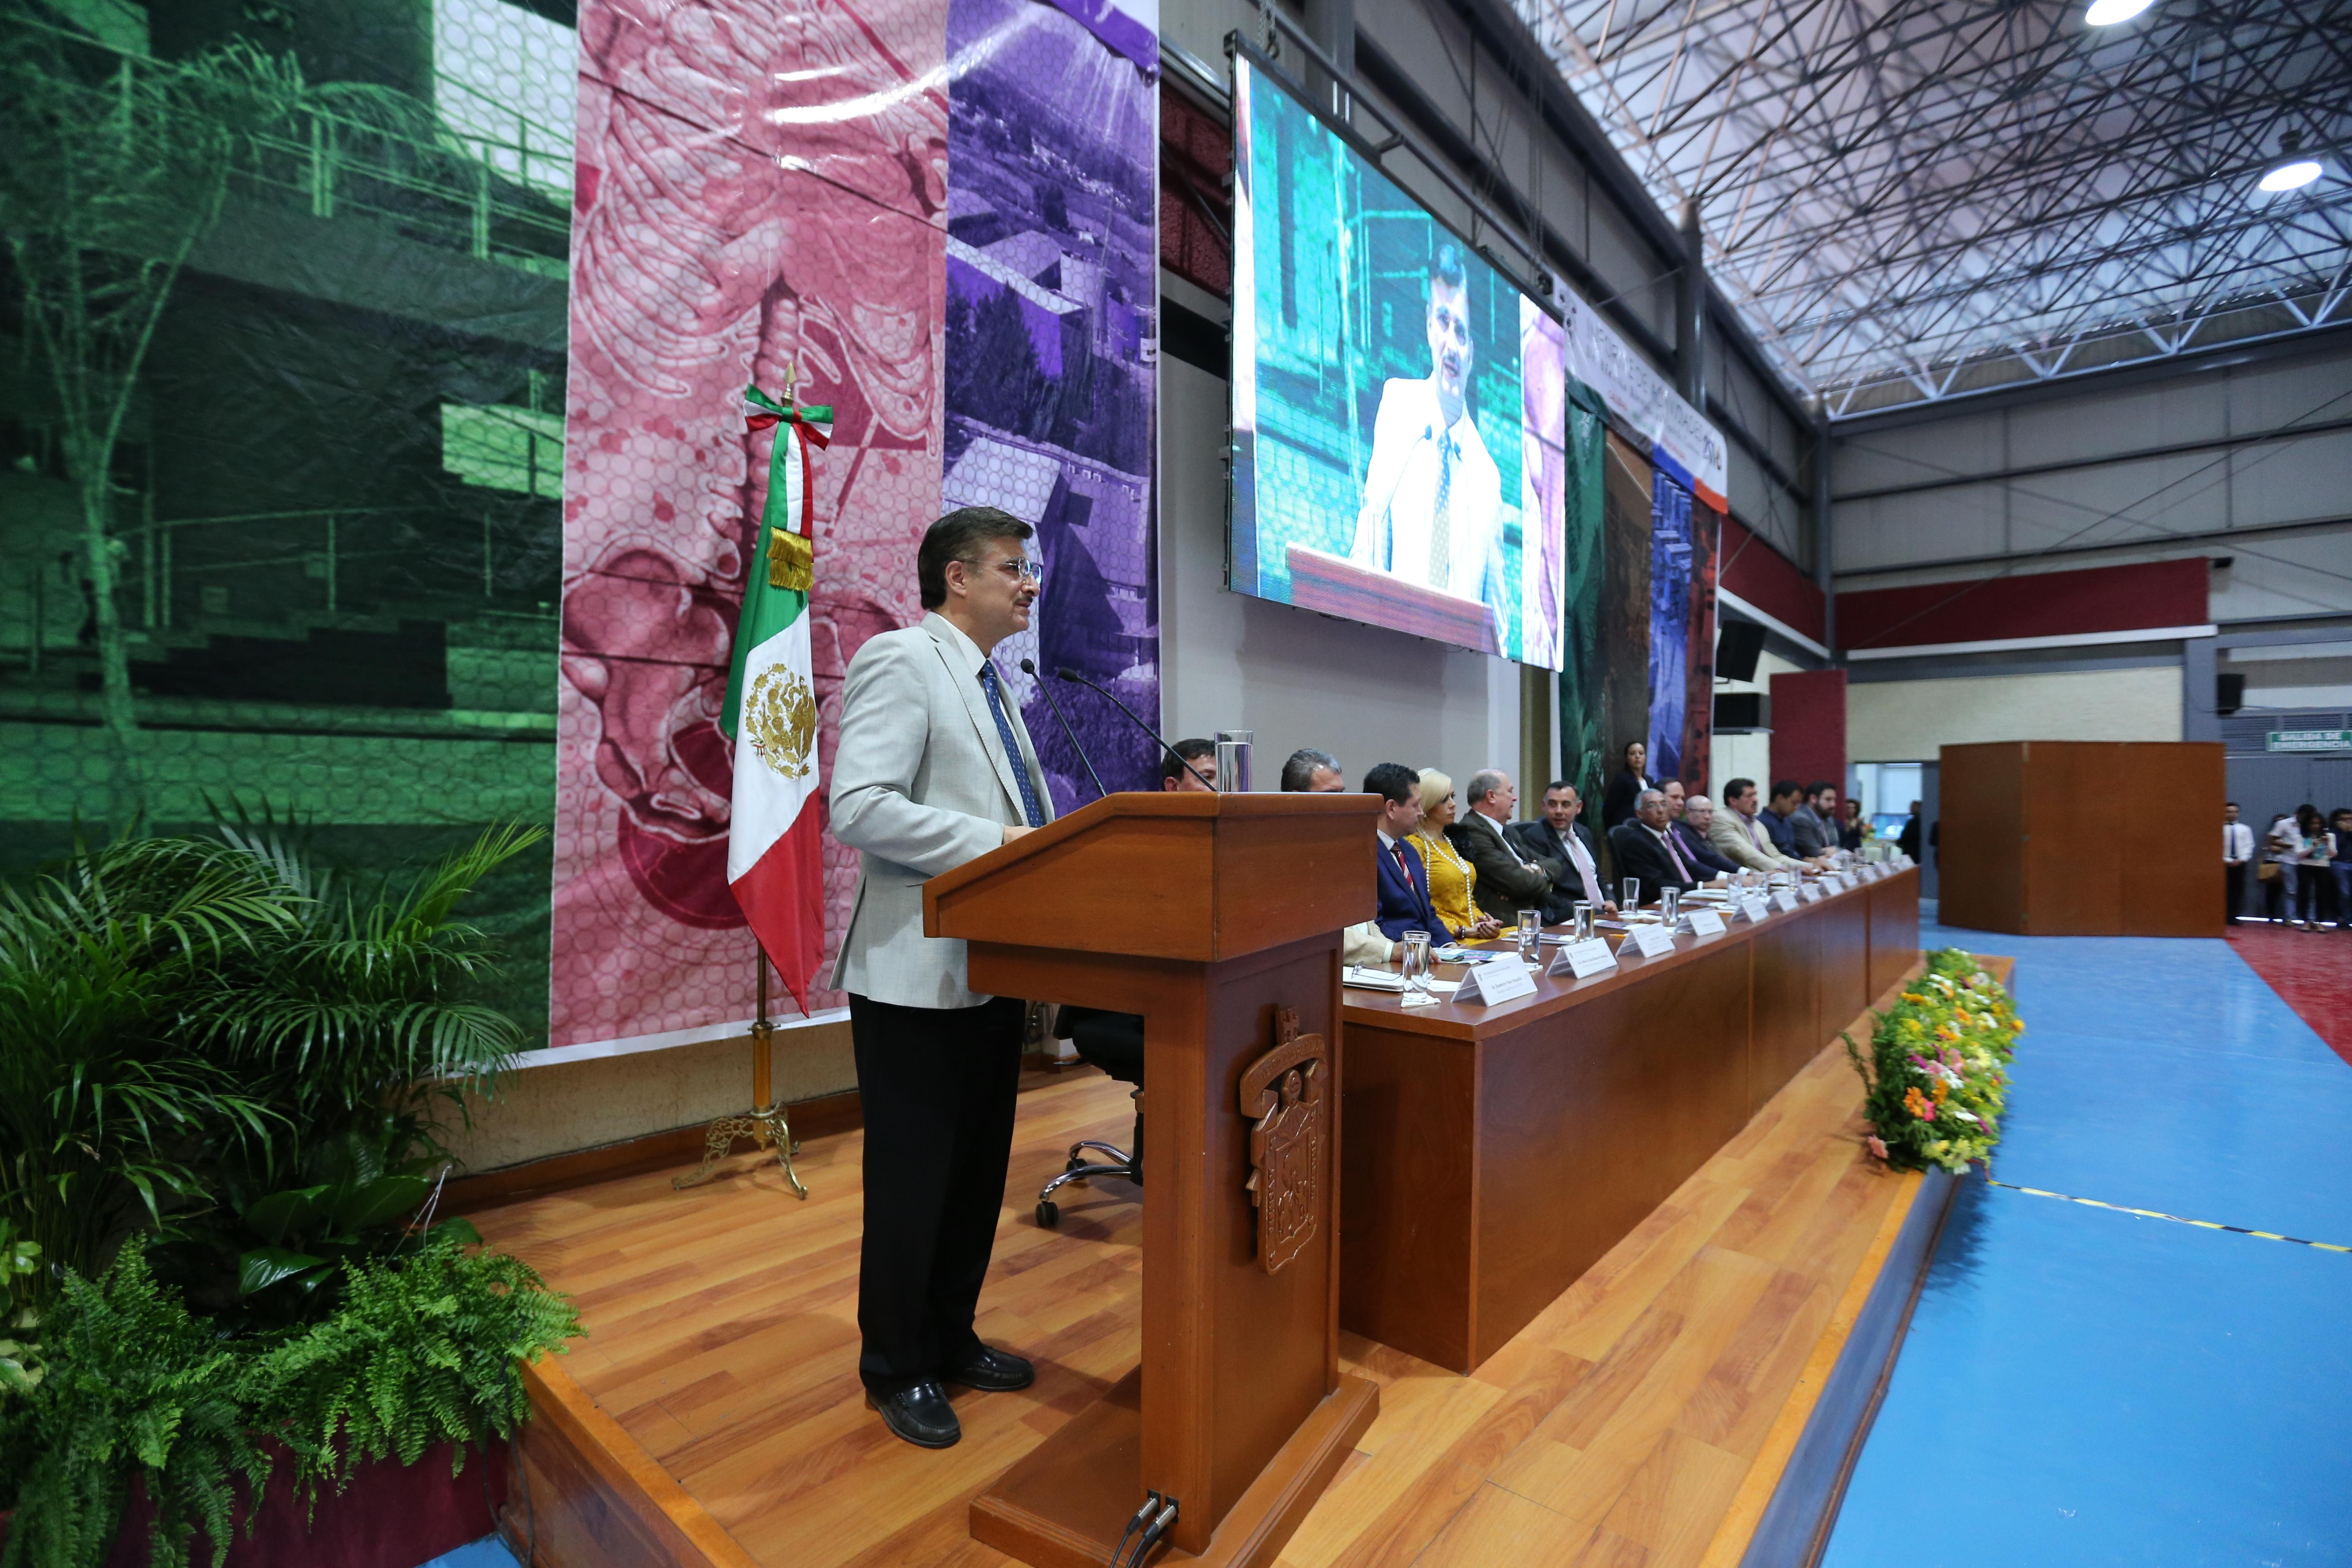 Rector General de la Universidad de Guadalajara, maestro Itzcóatl Tonatiuh Bravo Padilla haciendo uso de la palabra